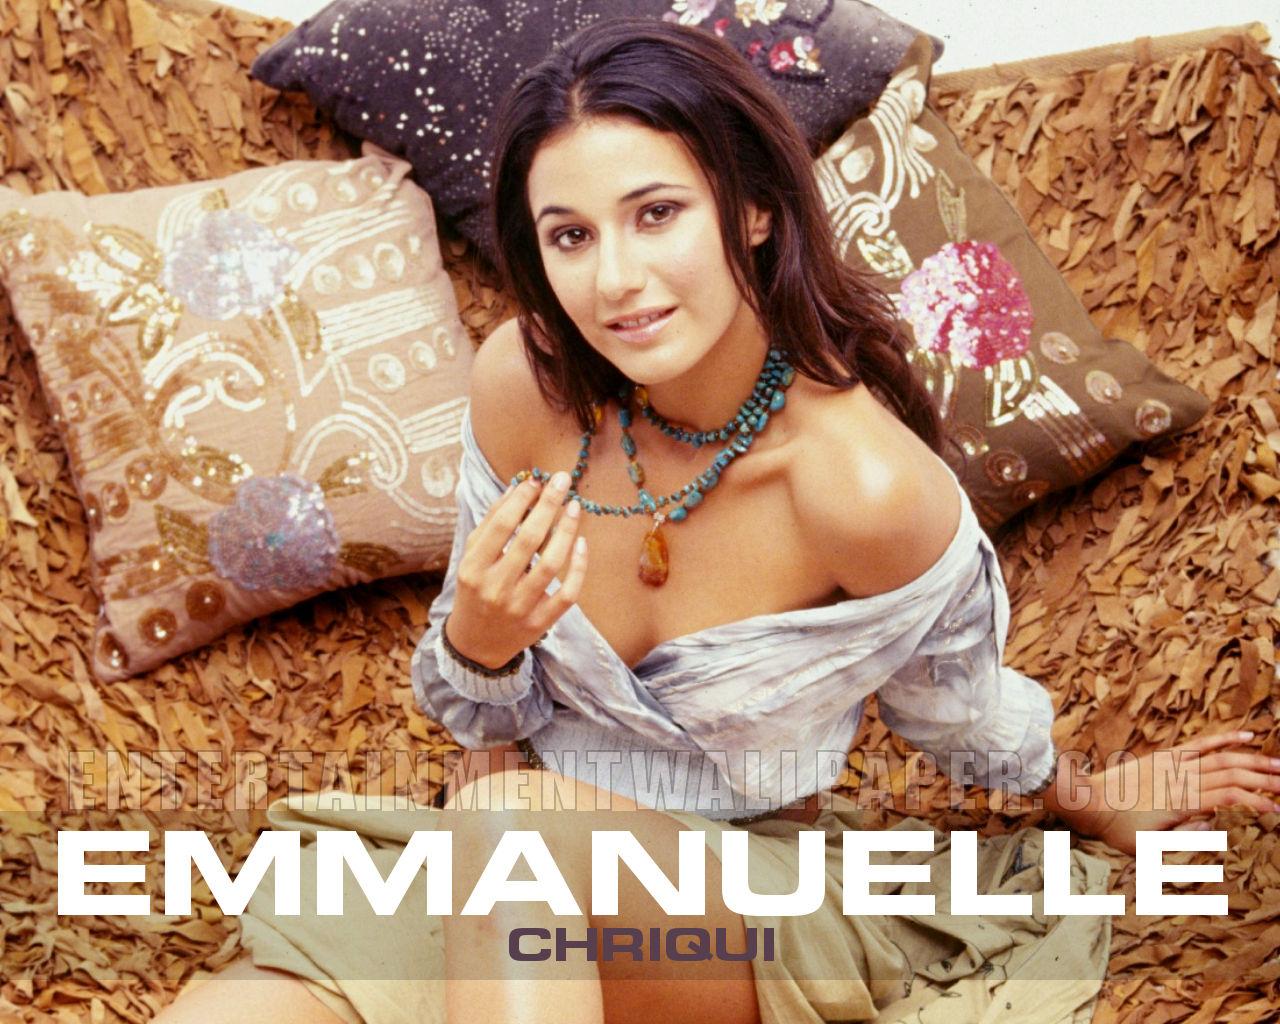 http://2.bp.blogspot.com/-VKJRVG_ZwEE/TnwYqU6luSI/AAAAAAAAP90/OjGI-Ls-Ssg/s1600/Emmanuelle-Chriqui_HD-Wallpapers_01.jpg